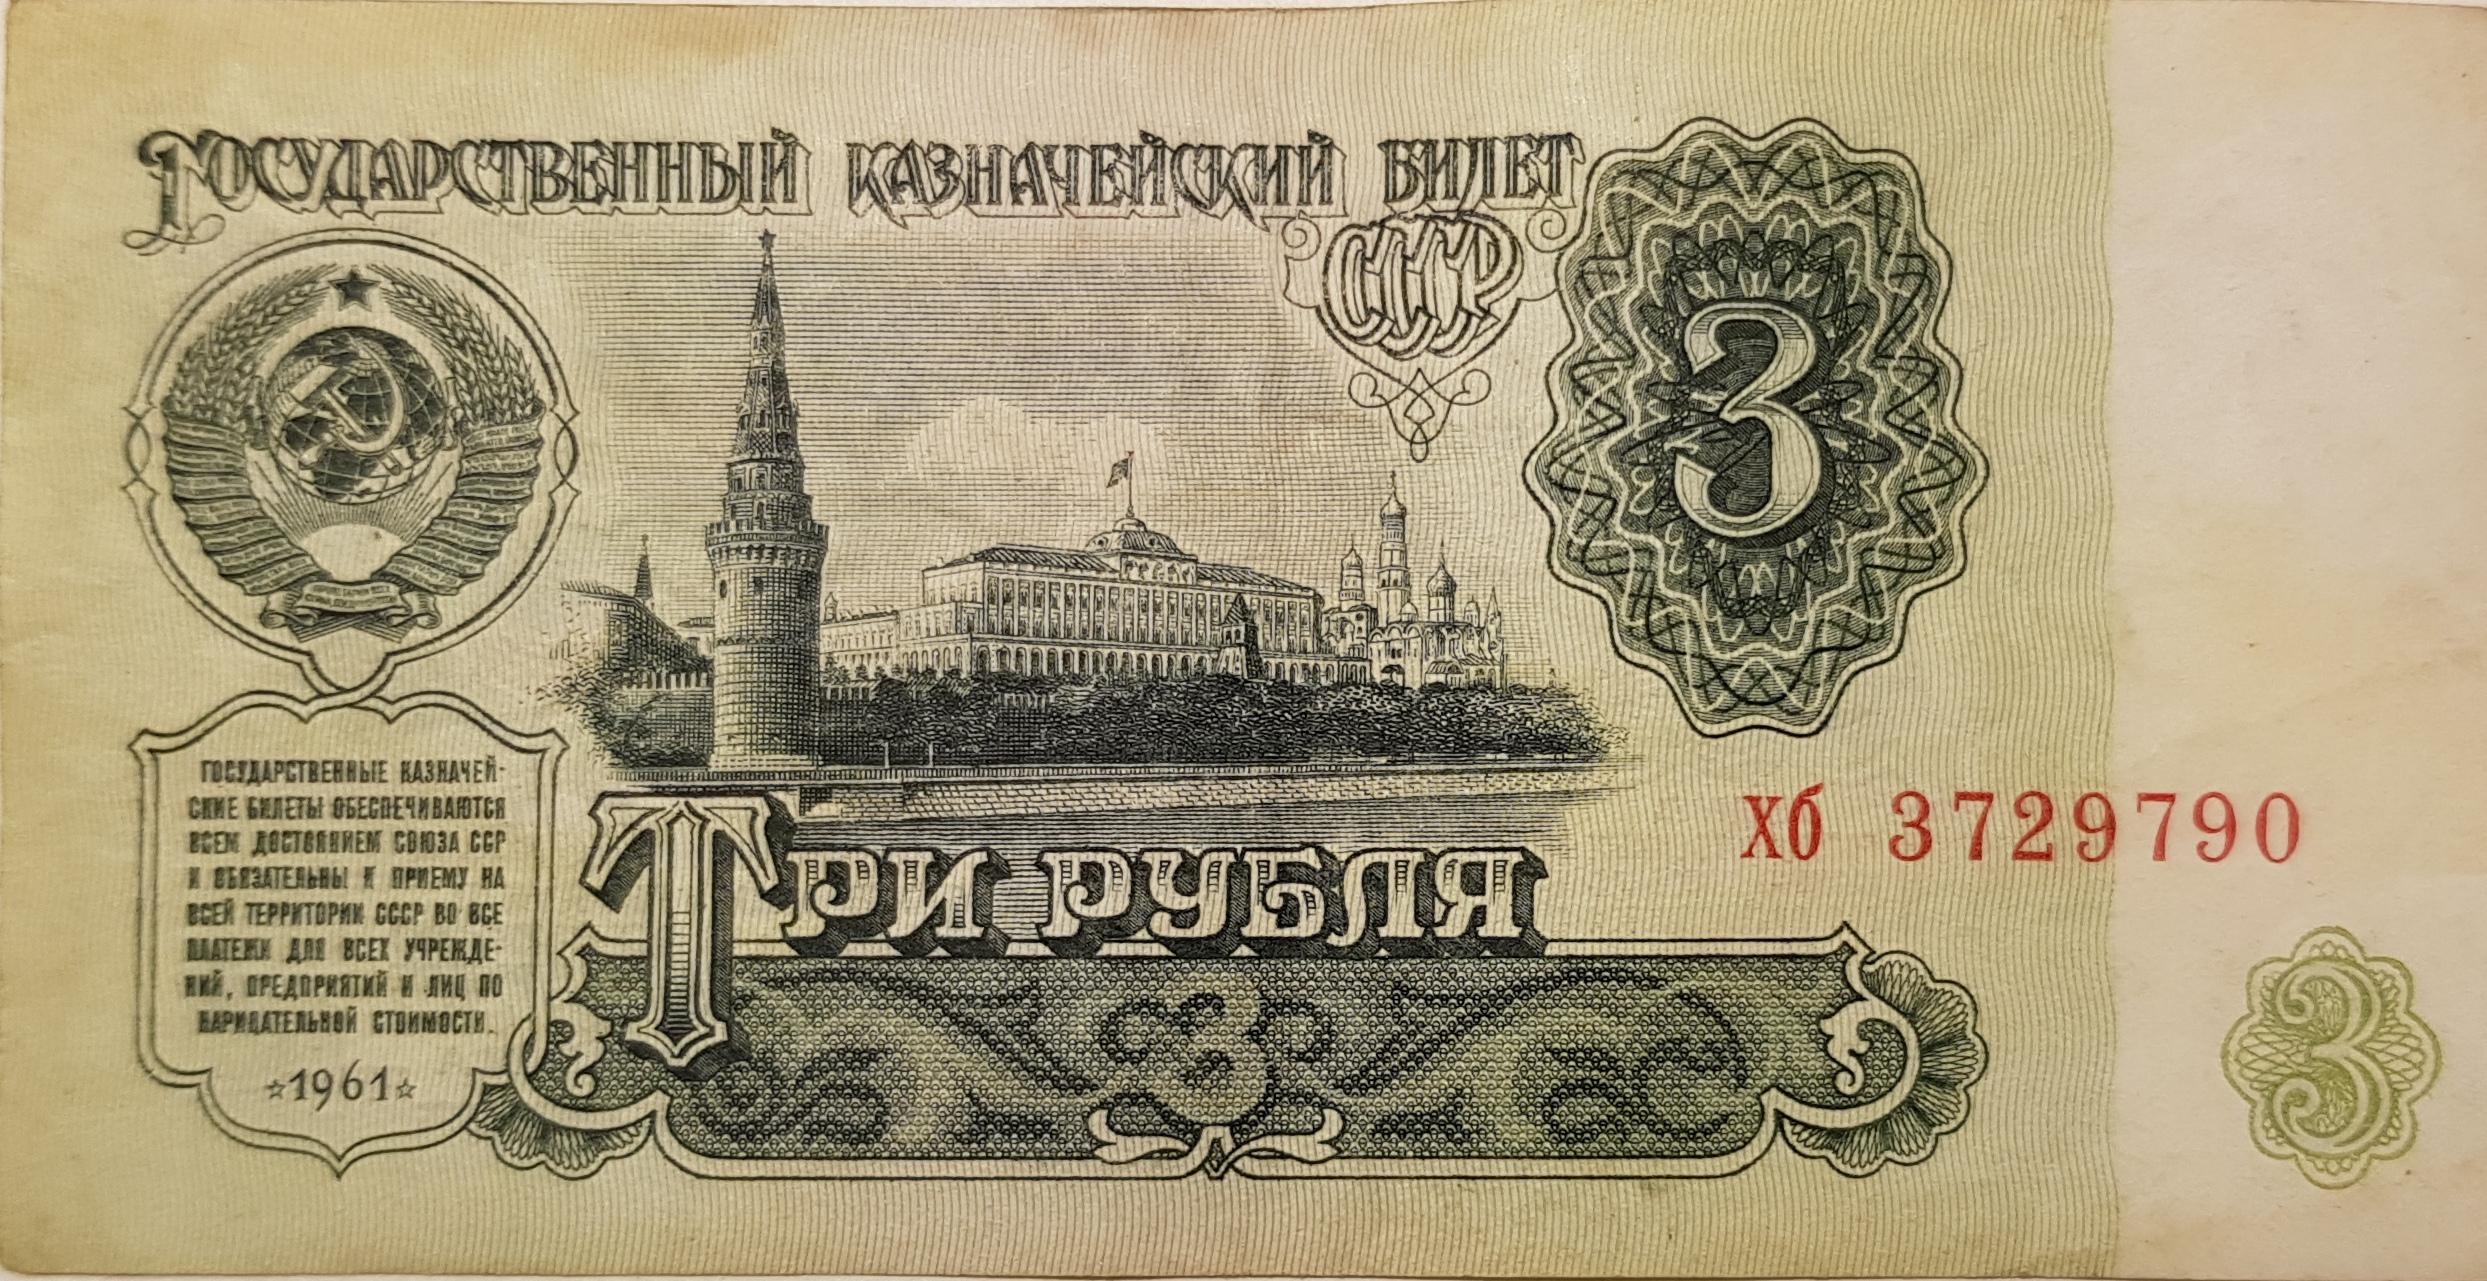 Banknotas.